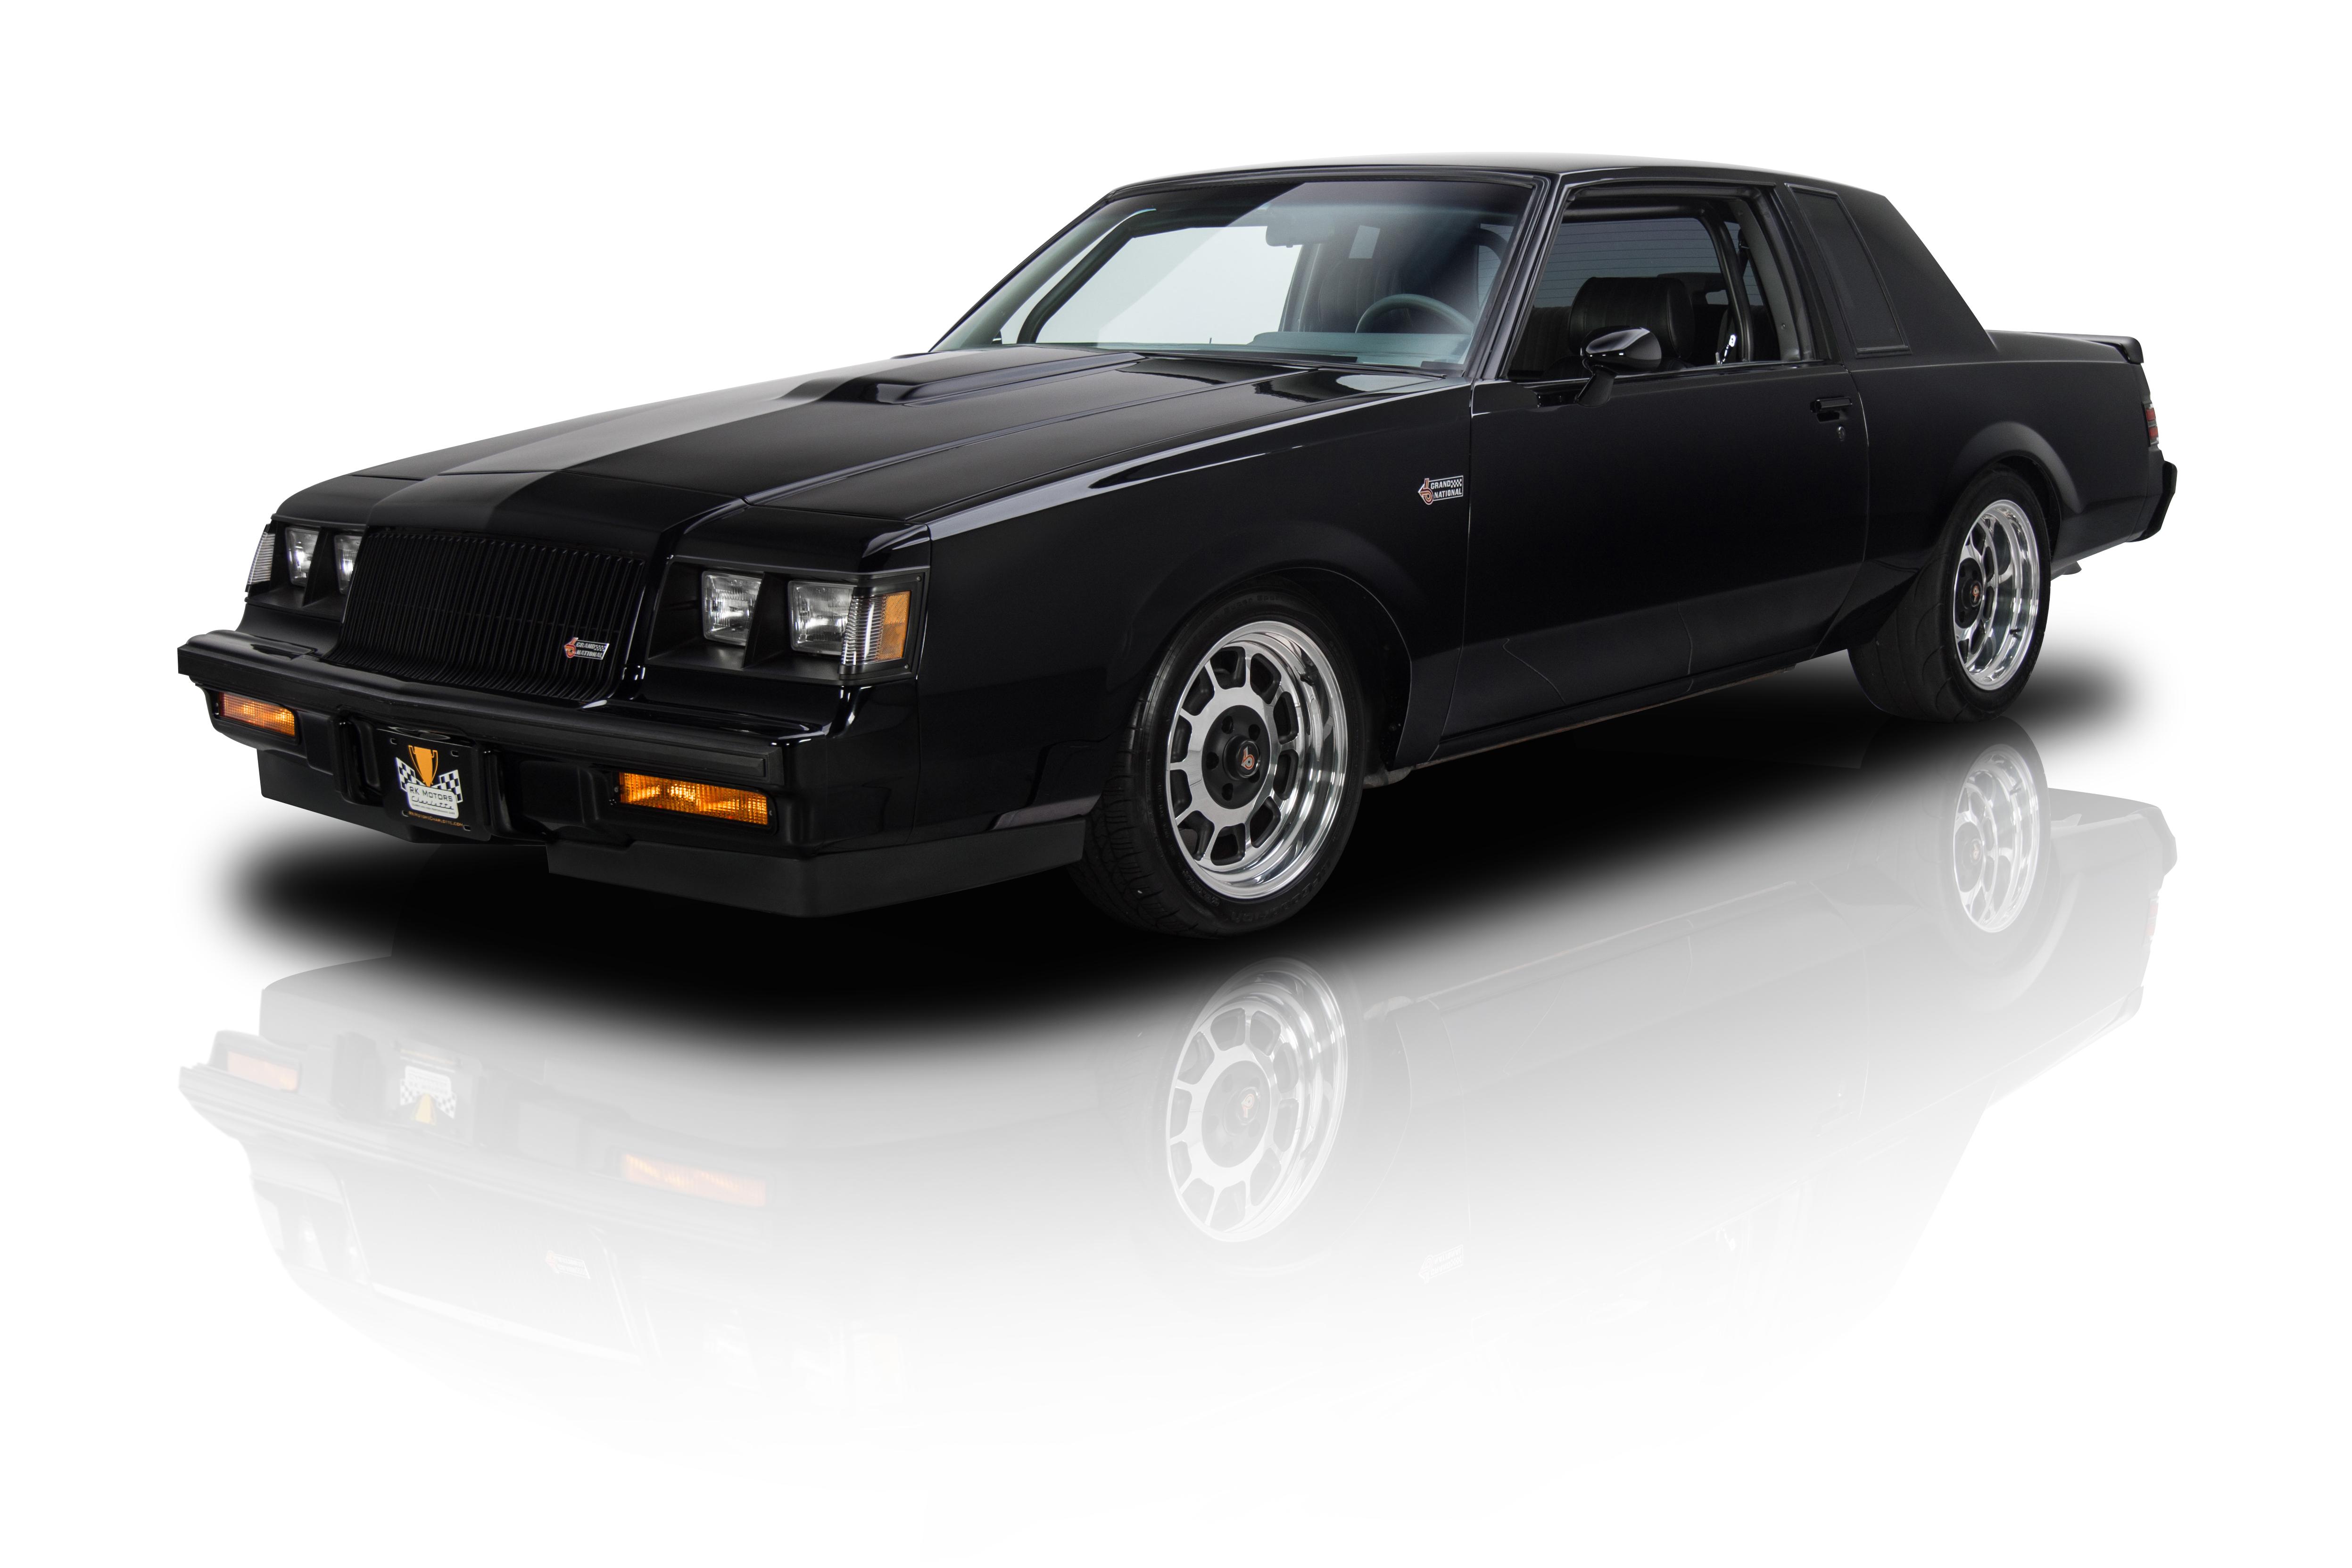 135021 1987 buick grand national rk motors. Black Bedroom Furniture Sets. Home Design Ideas